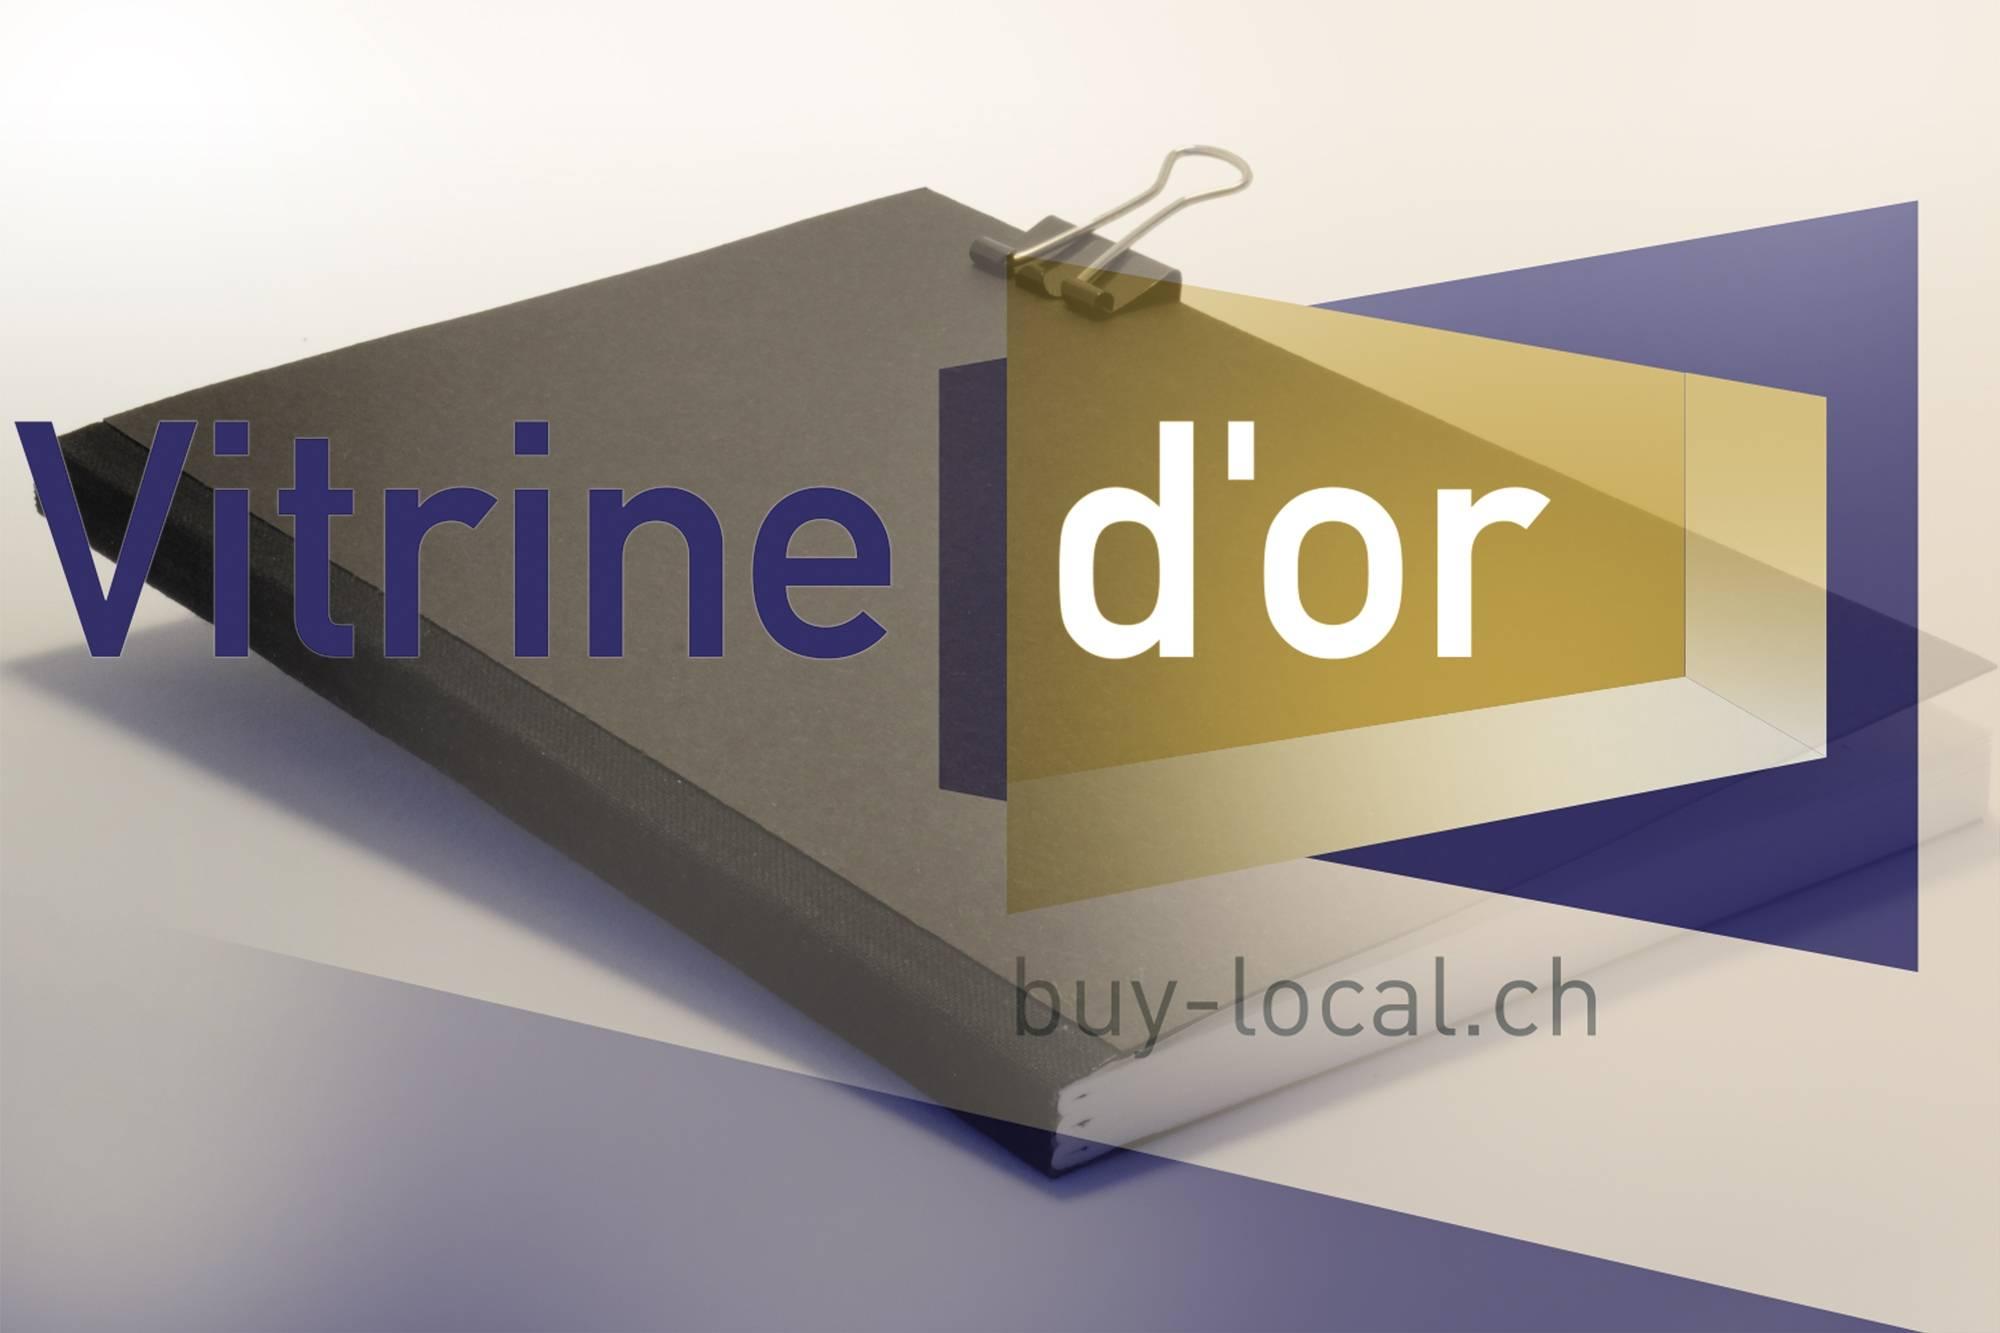 Schaufenster Nr. 64: Vitrine d'Or - ZWÄIDAUSIGUNDZWANZIG, DIE AGENDA FÜR DAS JAHR 2020